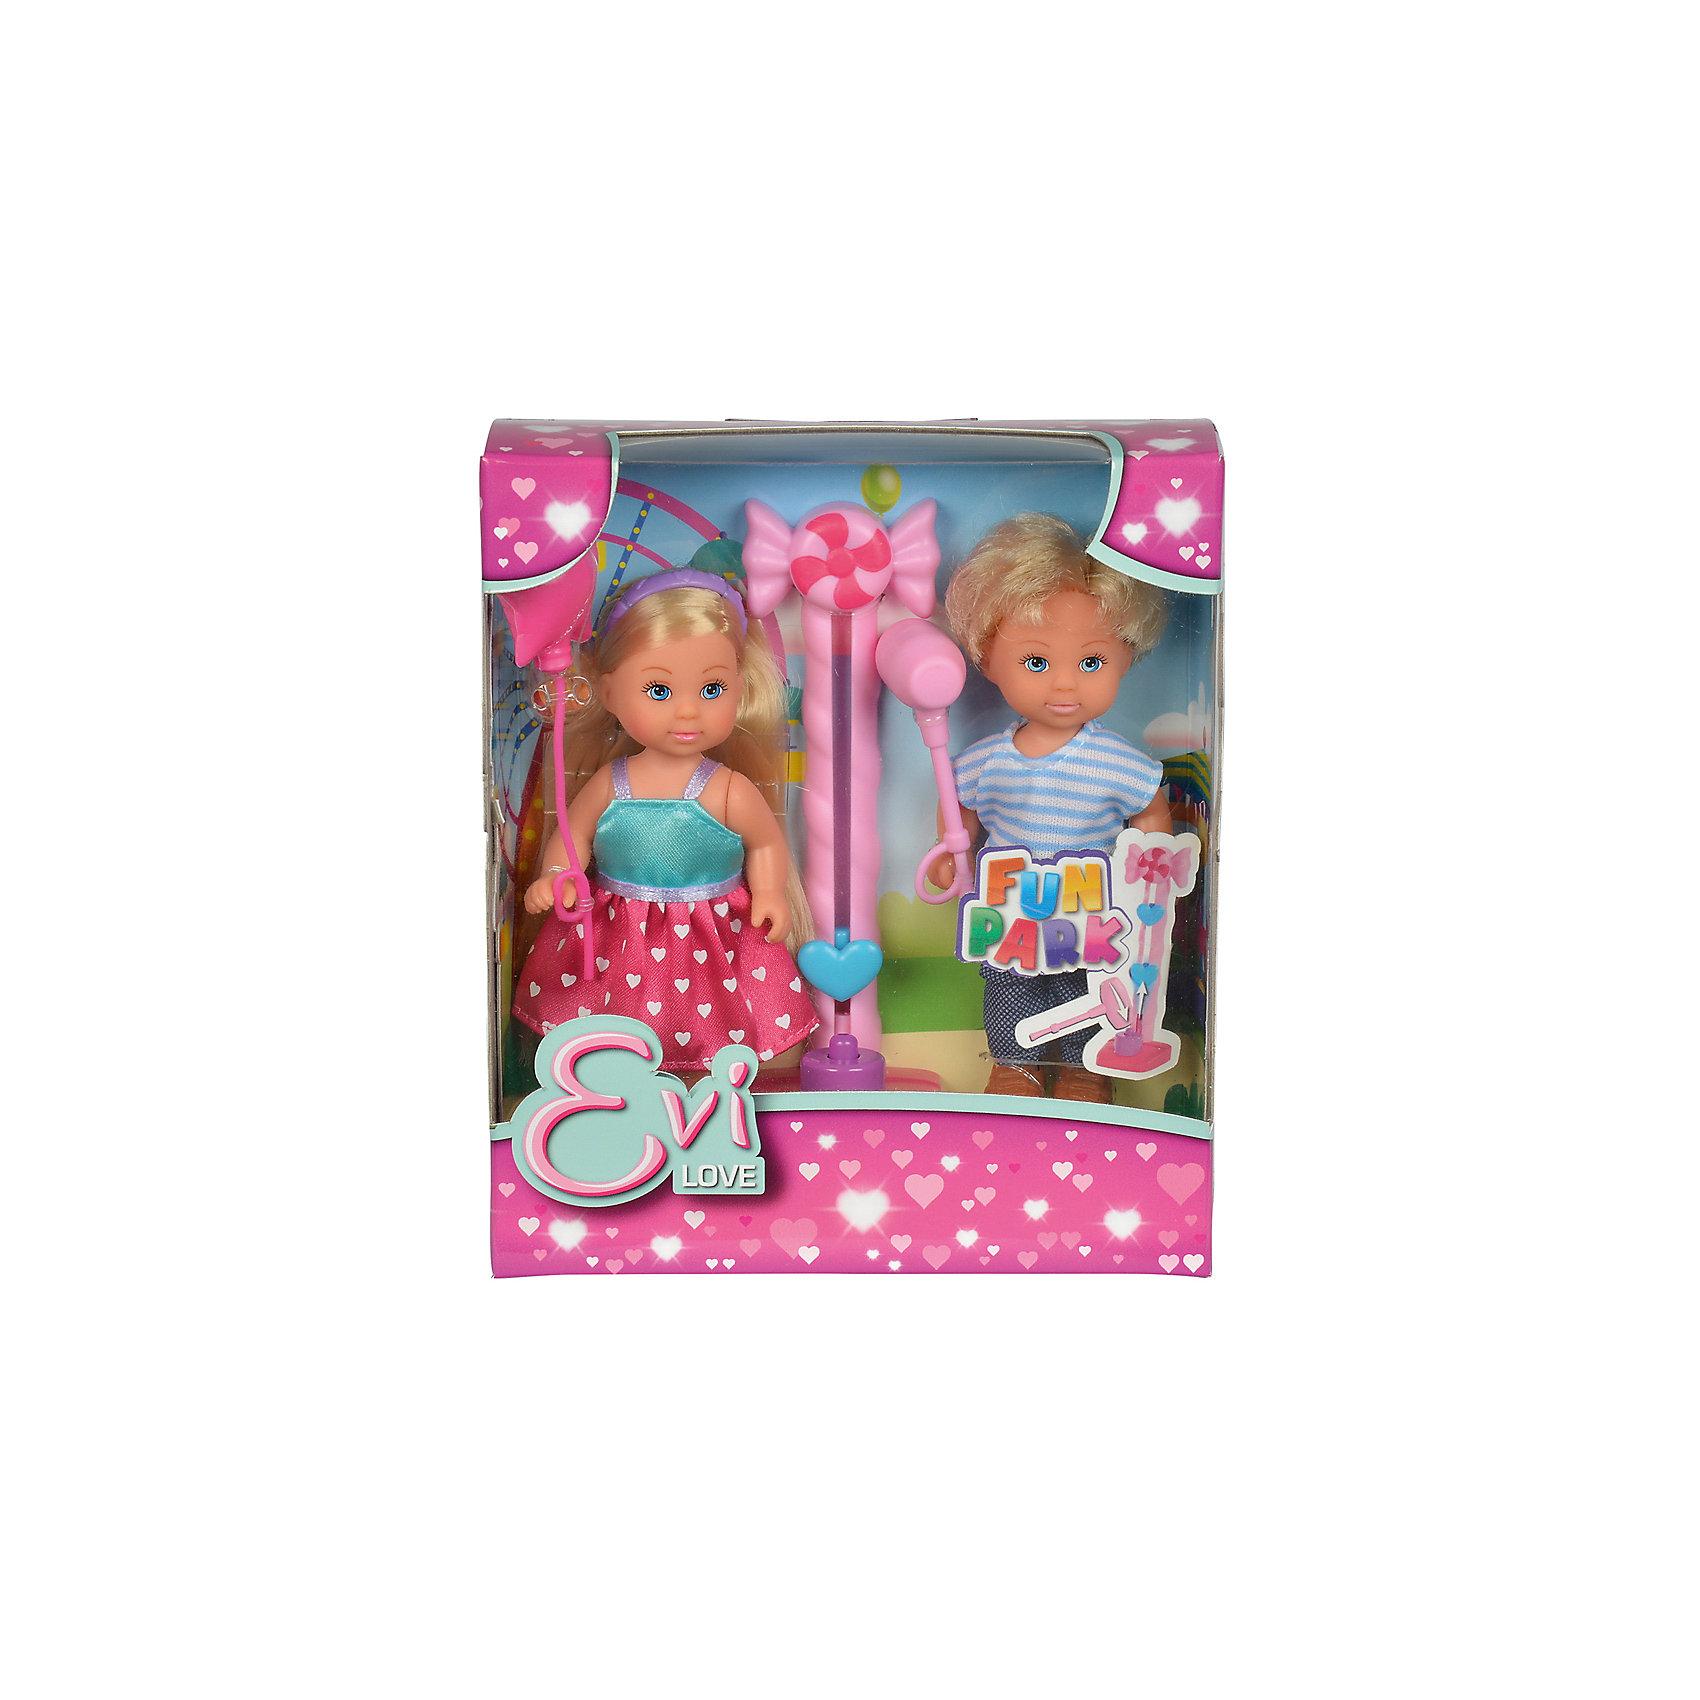 Кукла Еви и Тимми на аттракционах 12 cм, SimbaХарактеристики:<br><br>• высота кукол: 12 см;<br>• в комплекте две куклы: Еви и Тимми;<br>• аксессуары: воздушный шарик, молот, аттракцион;<br>• материал: пластик, текстиль;<br>• размер упаковки: 16х5х14 см.<br><br>Друзья Еви и Тимми пришли на аттракционы. Любимым развлечением Тимми является колода с молотом, ведь на этом аттракционе мальчик может показать свою силу и заинтересовать девочку Еви, привлечь ее внимание. Призом за лучший результат является воздушный шарик. У кукол подвижные конечности, они могут удерживать в ручках мелкие предметы: у Тимми молот, у Еви шарик. <br><br>Куклу Еви и Тимми на аттракционах 12 cм, Simba можно купить в нашем магазине.<br><br>Ширина мм: 50<br>Глубина мм: 160<br>Высота мм: 140<br>Вес г: 1000<br>Возраст от месяцев: 36<br>Возраст до месяцев: 120<br>Пол: Женский<br>Возраст: Детский<br>SKU: 5295519